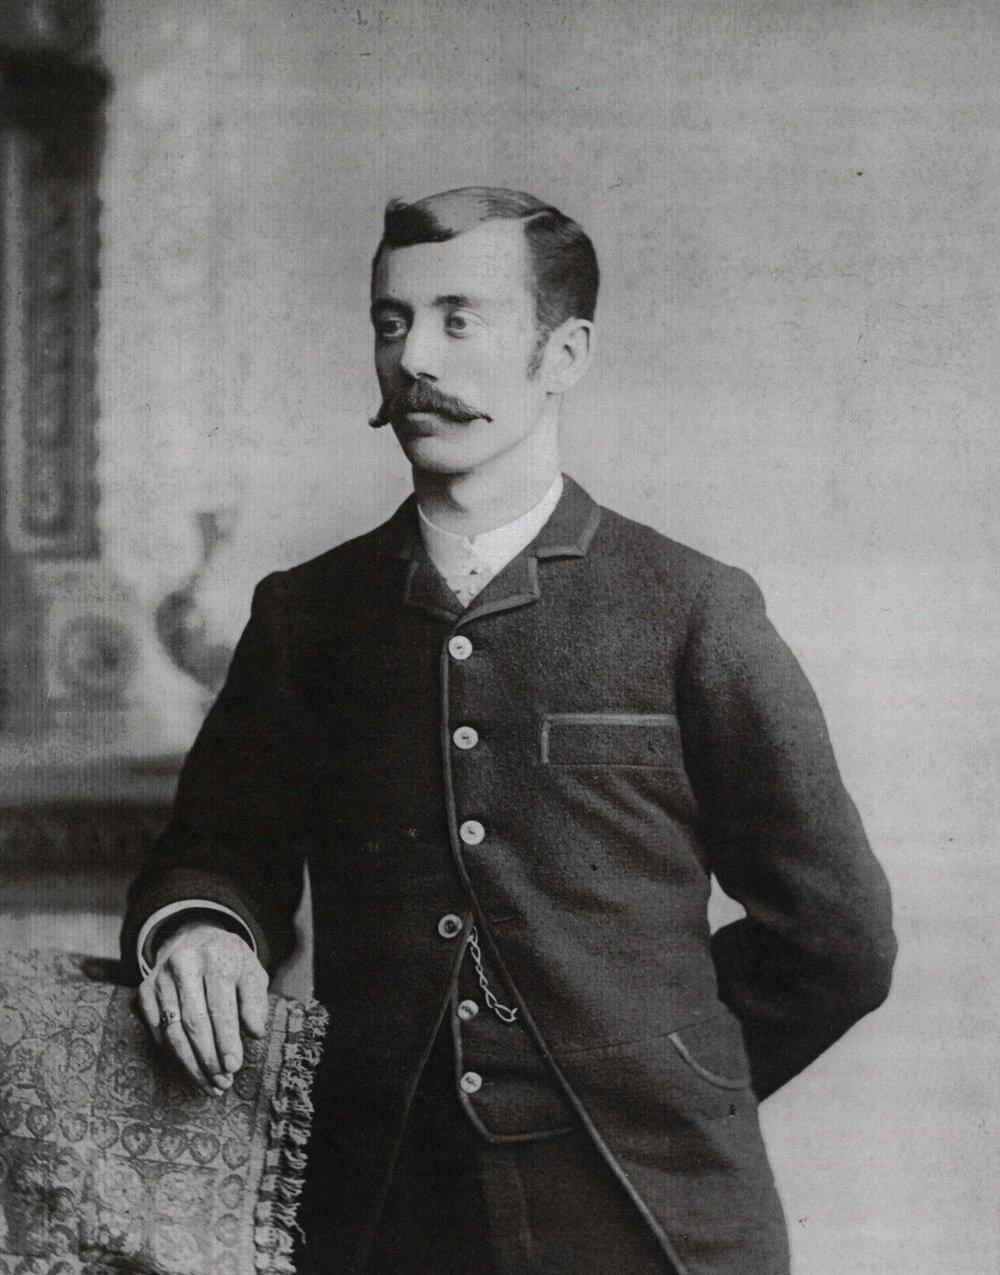 CHARLES A. BLEECKER